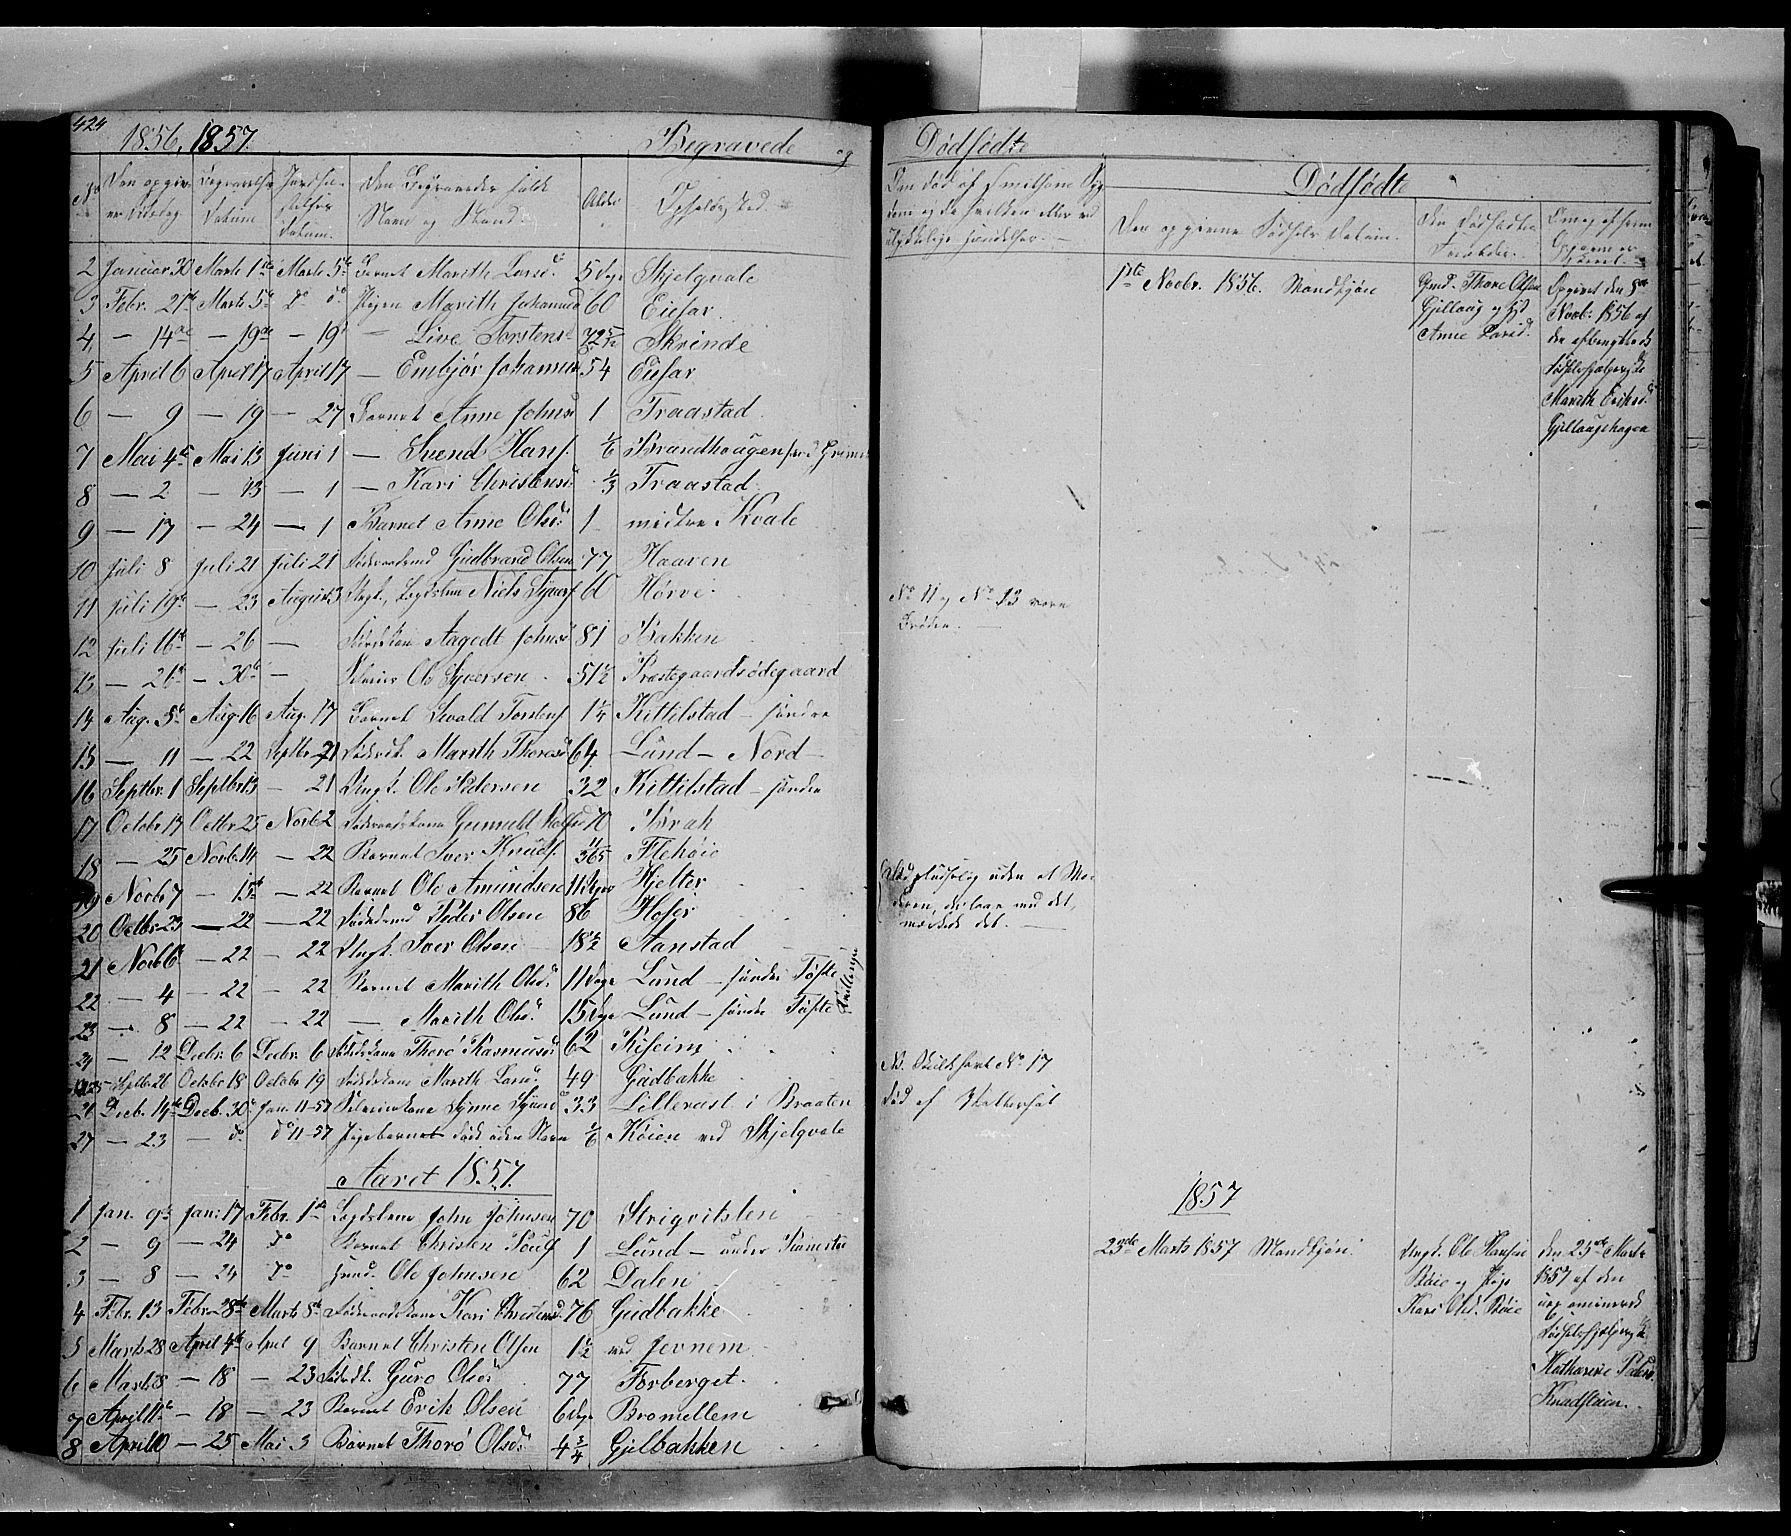 SAH, Lom prestekontor, L/L0004: Klokkerbok nr. 4, 1845-1864, s. 424-425